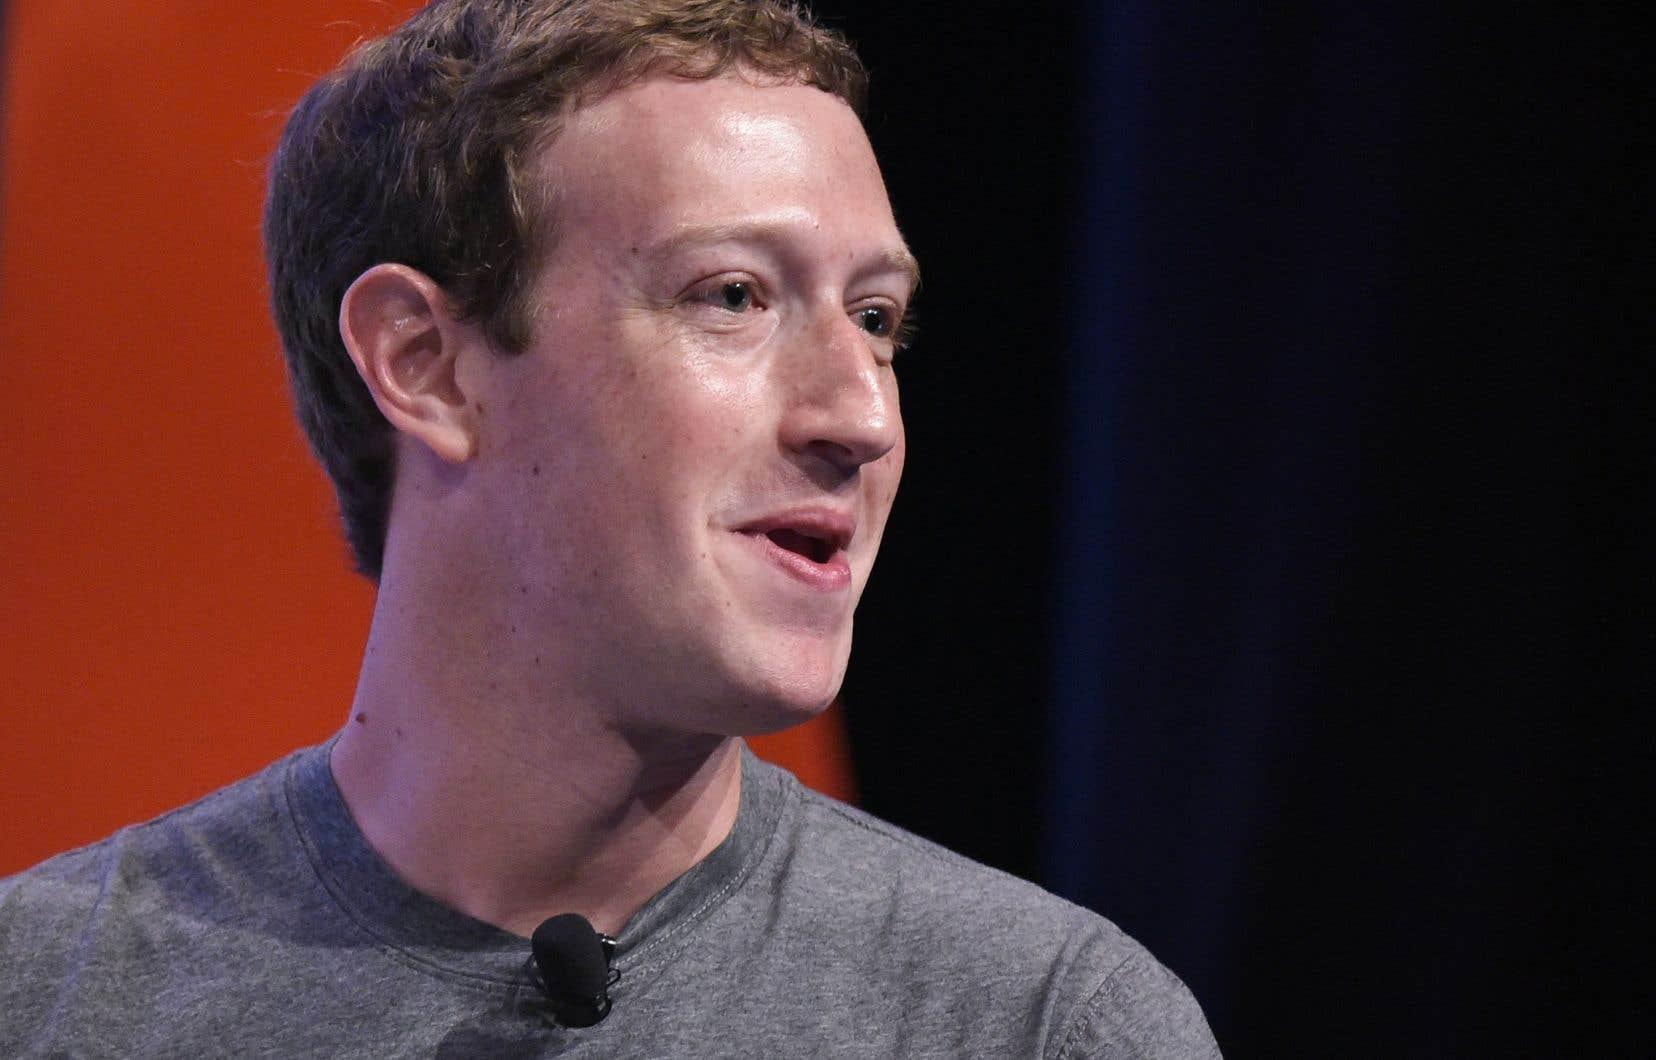 Le grand patron de Facebook, Mark Zuckerberg